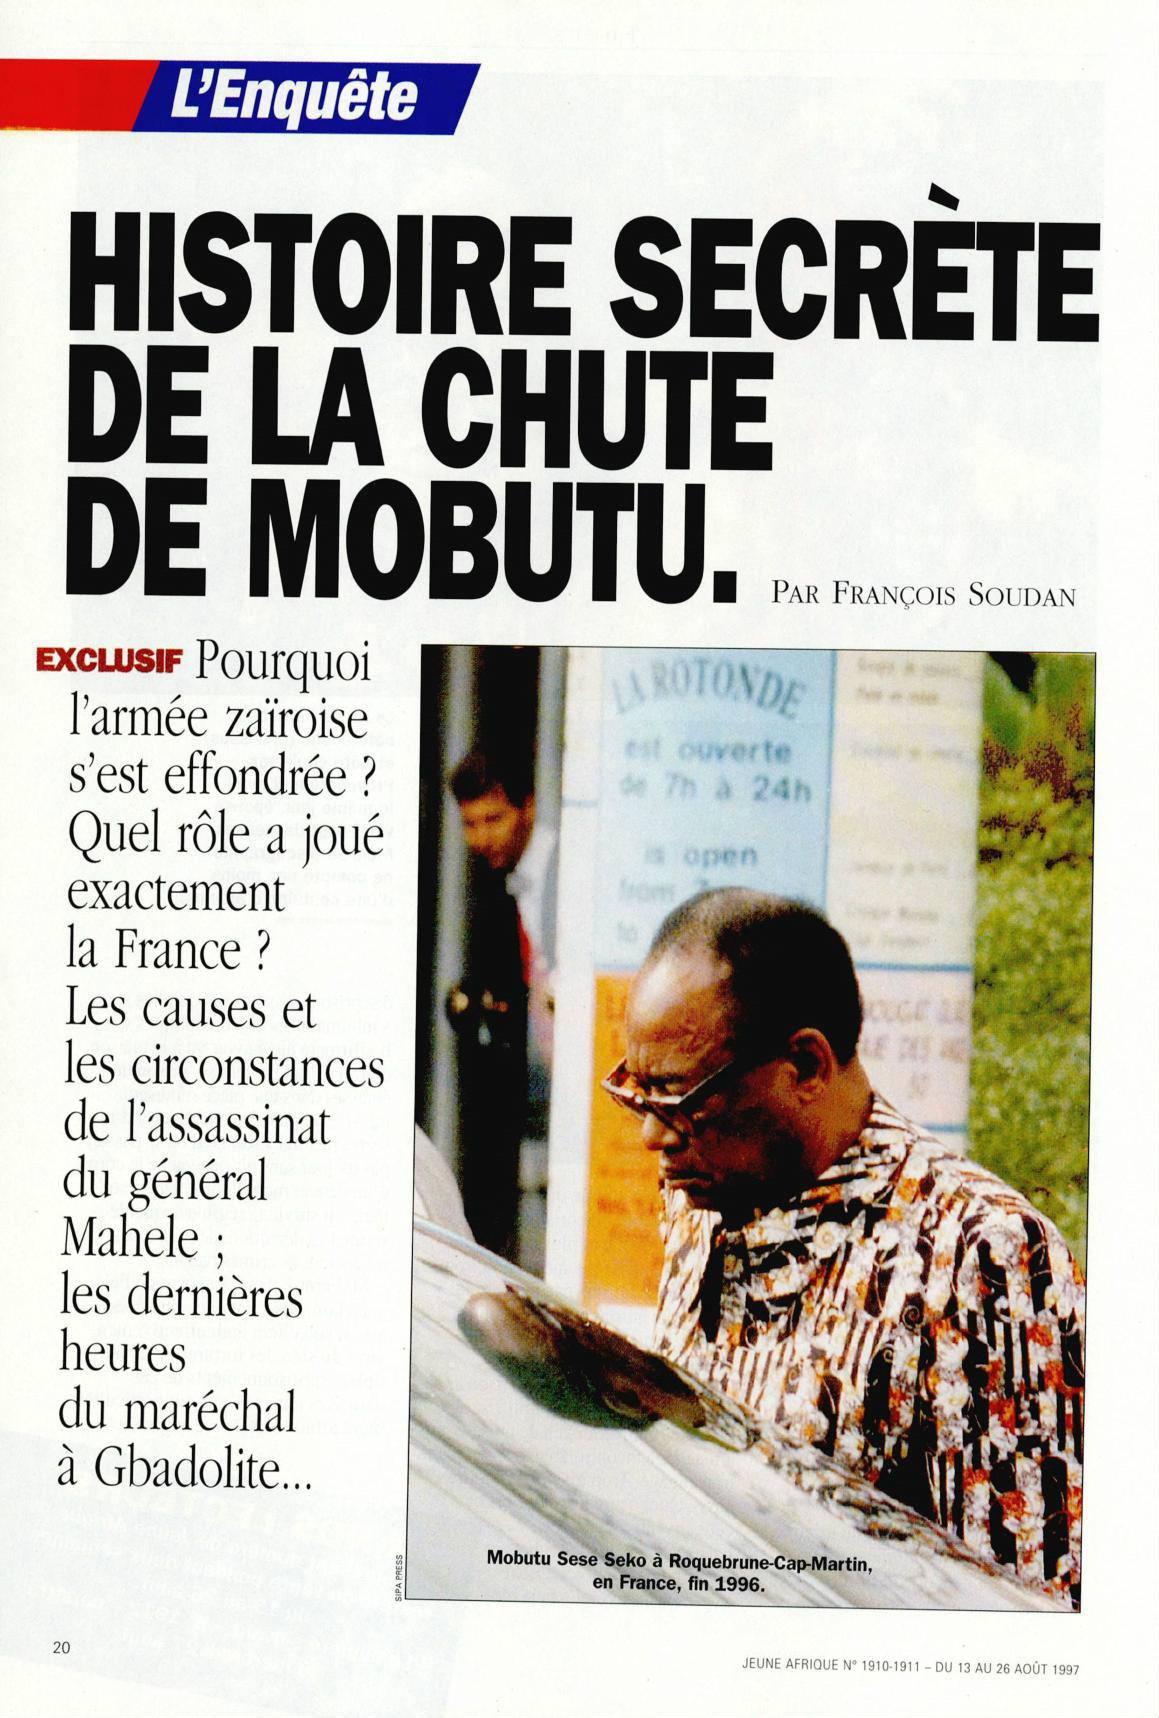 Filme Seu Nome É Jonas with rdc : l'histoire secrète de la chute de mobutu – jeuneafrique